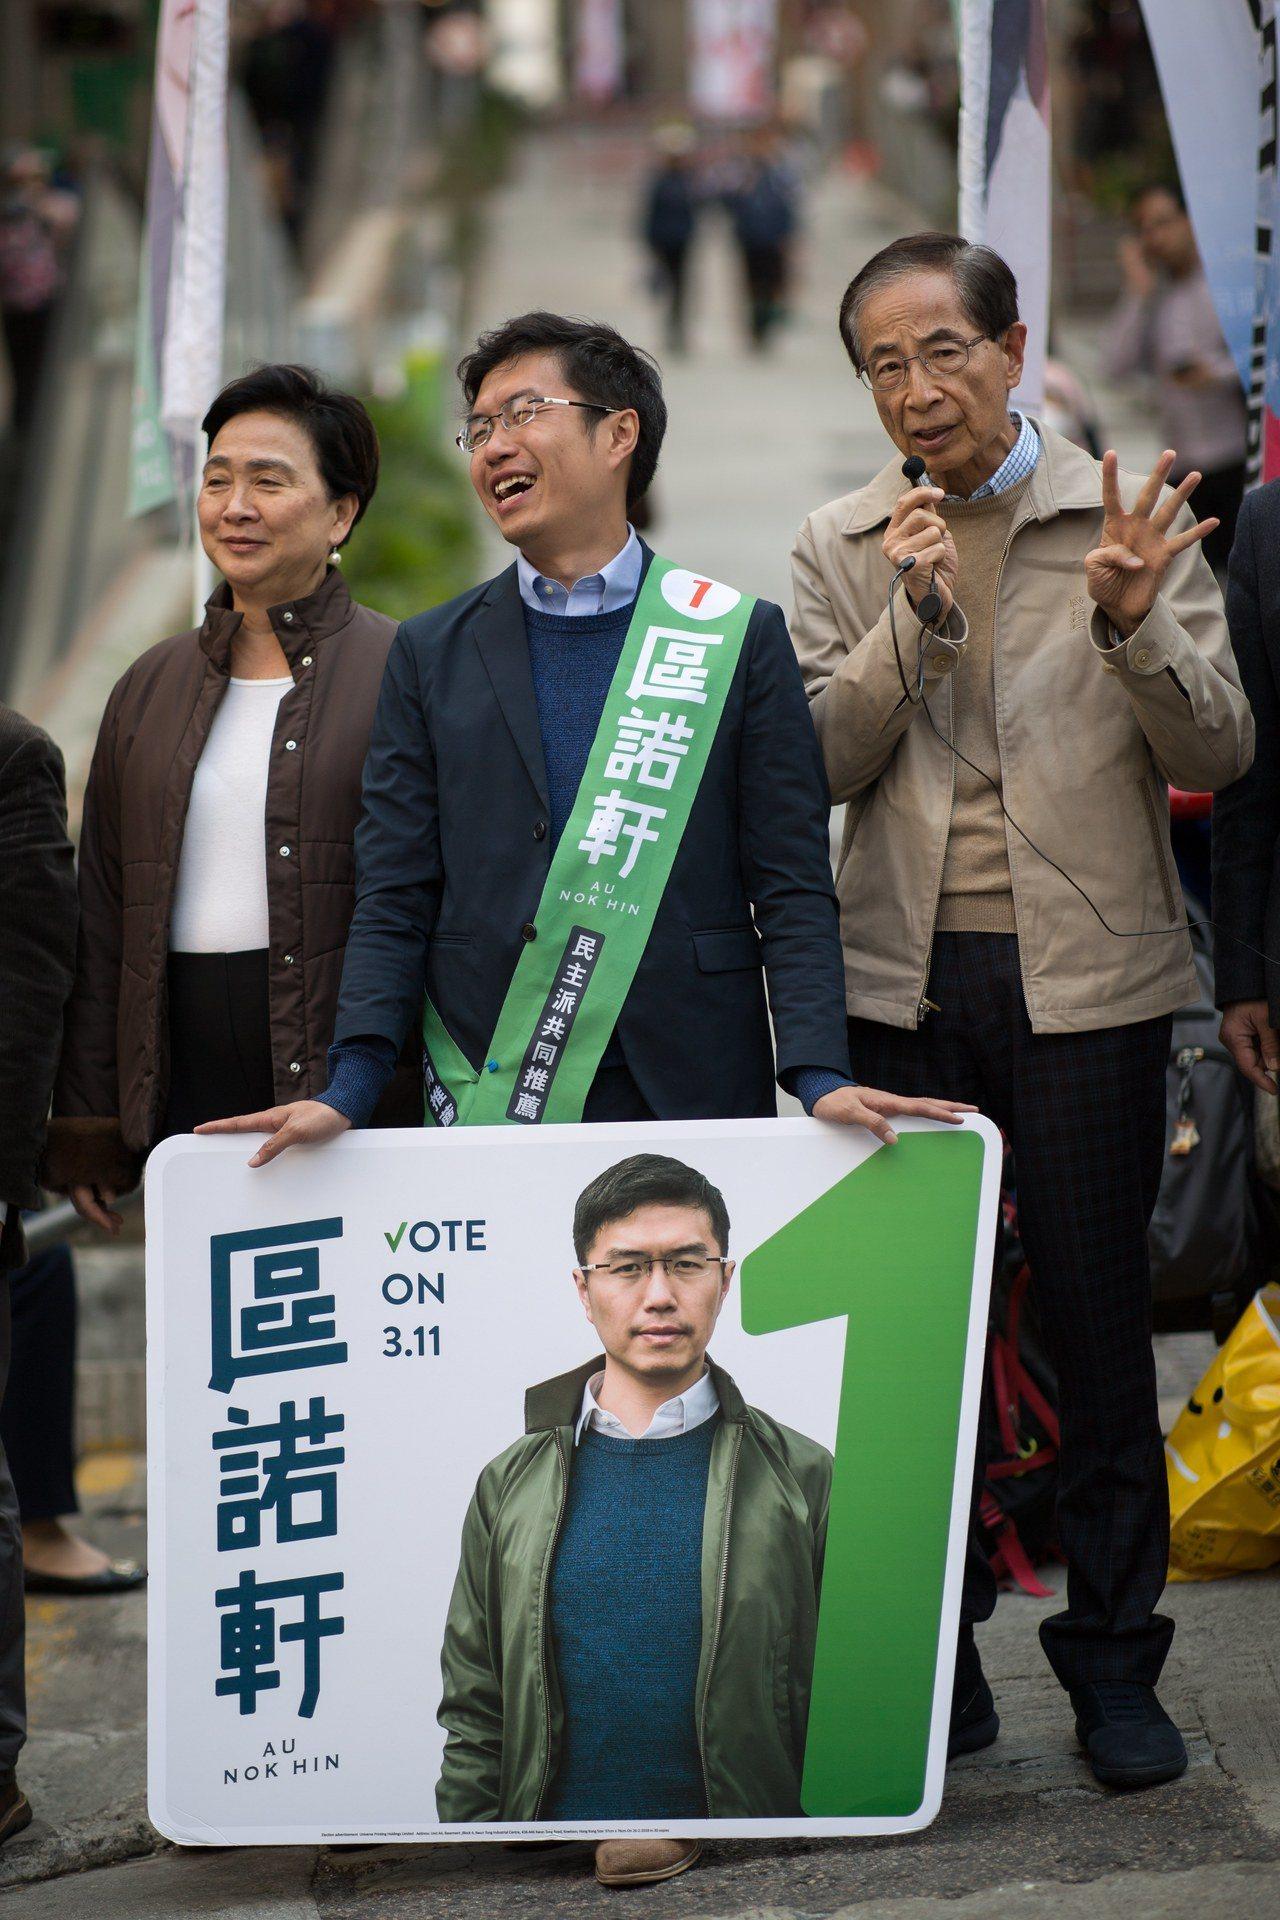 香港政府昨晨刊憲宣布區諾軒於立會港島區補選勝出。 歐新社